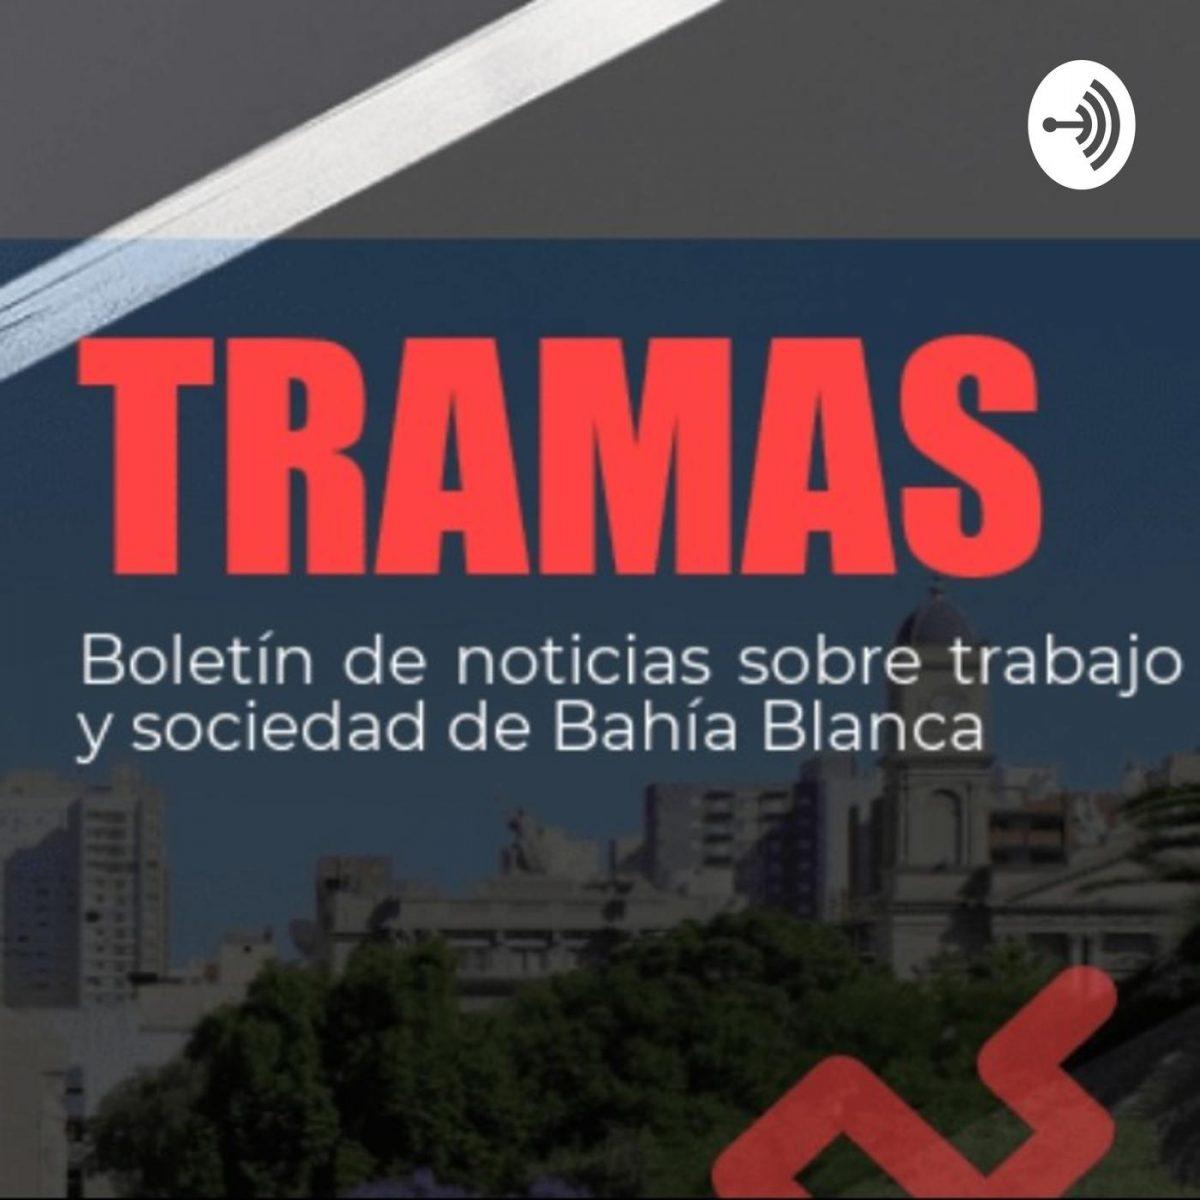 TRAMAS - Boletín de noticias sobre trabajo y sociedad de Bahía Blanca.